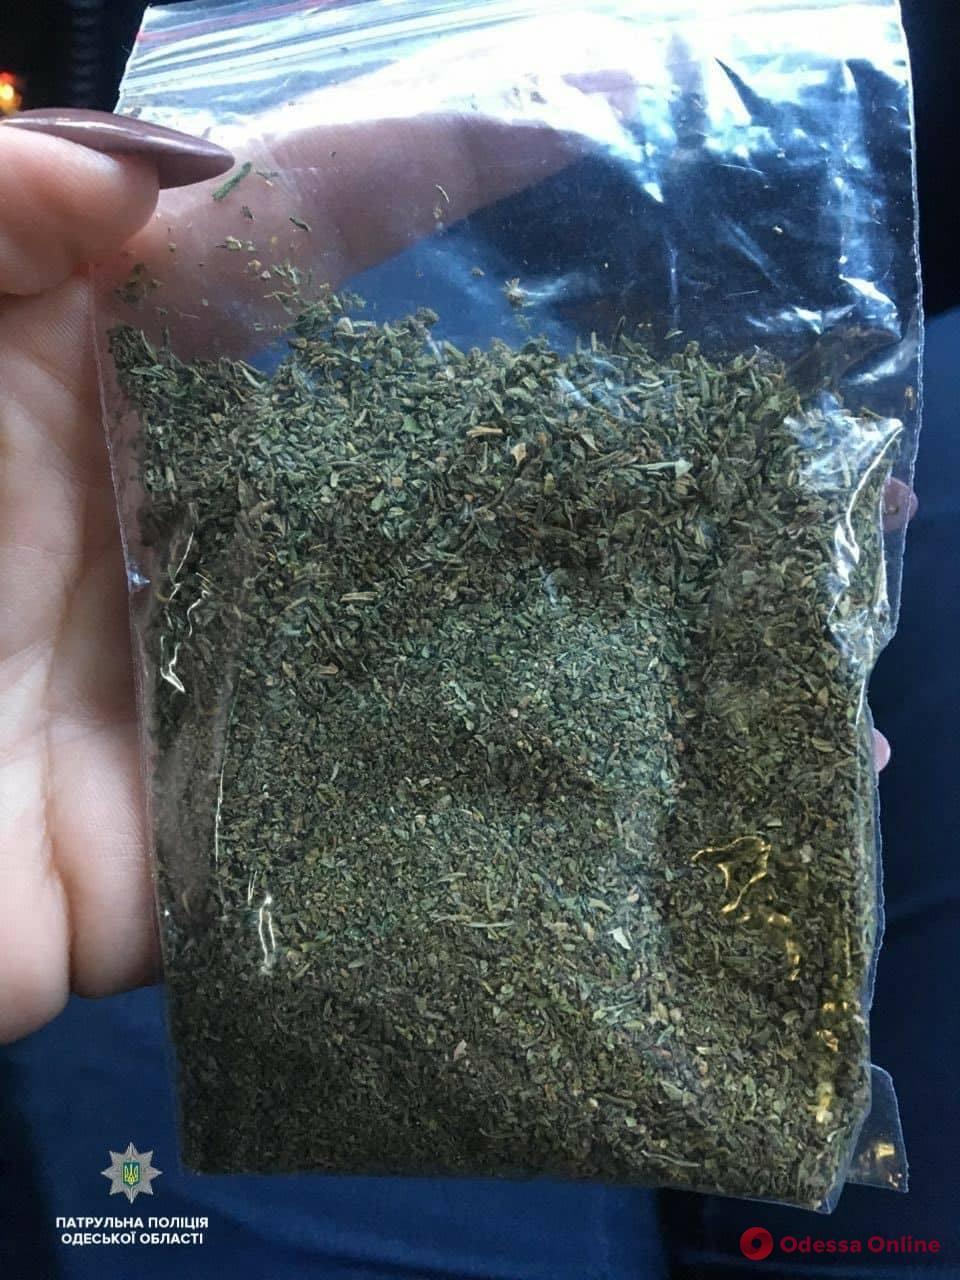 В Одессе охотятся на любителей марихуаны